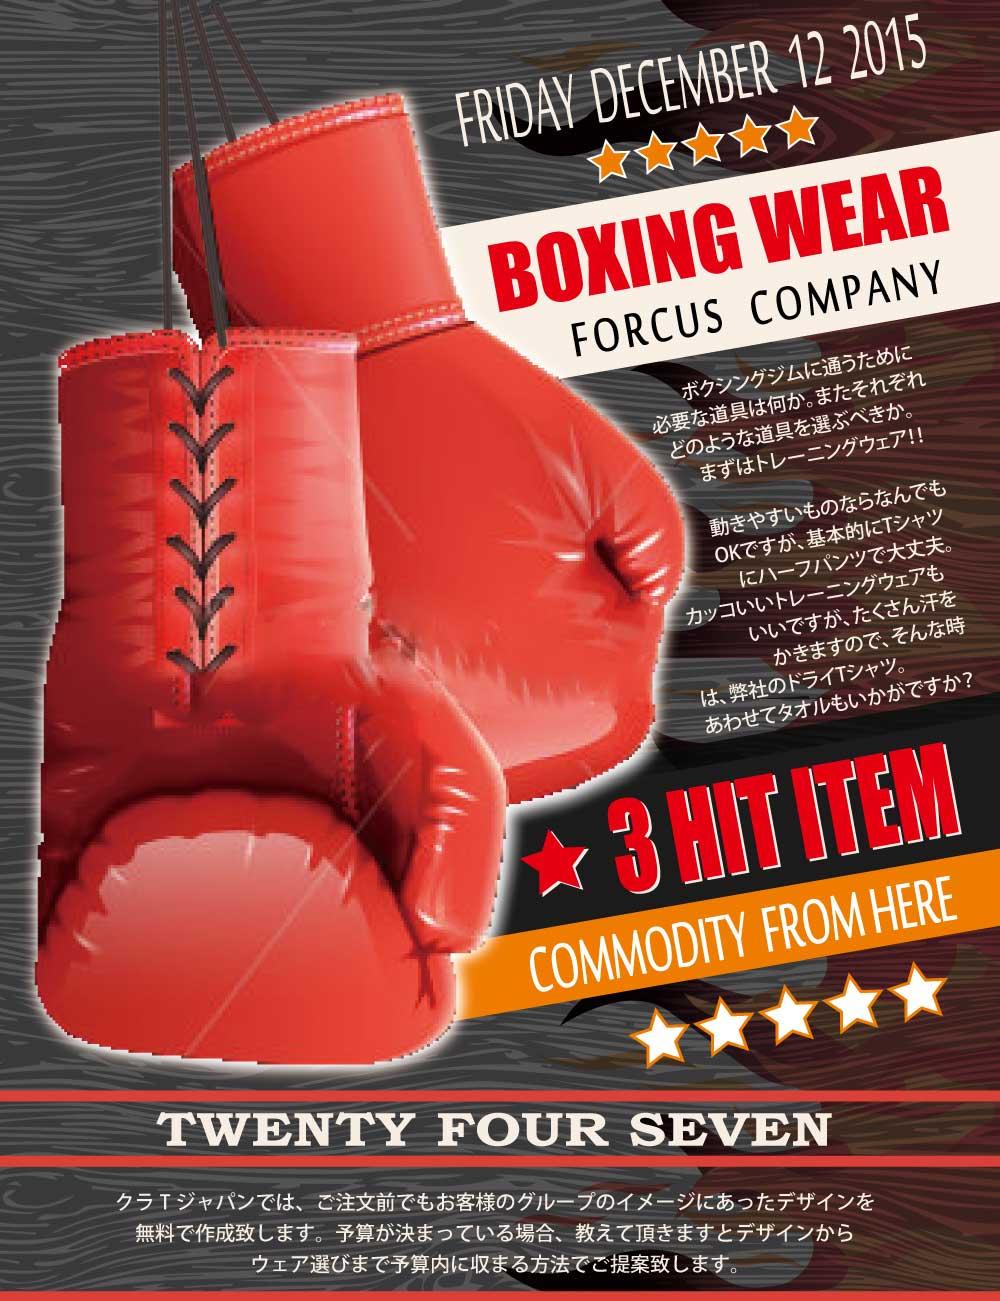 ボクシングジムに通うのに必要な道具。まずは、トレーニングウェアたくさん汗をかきますので、弊社のドライTシャツをぜひご使用ください!